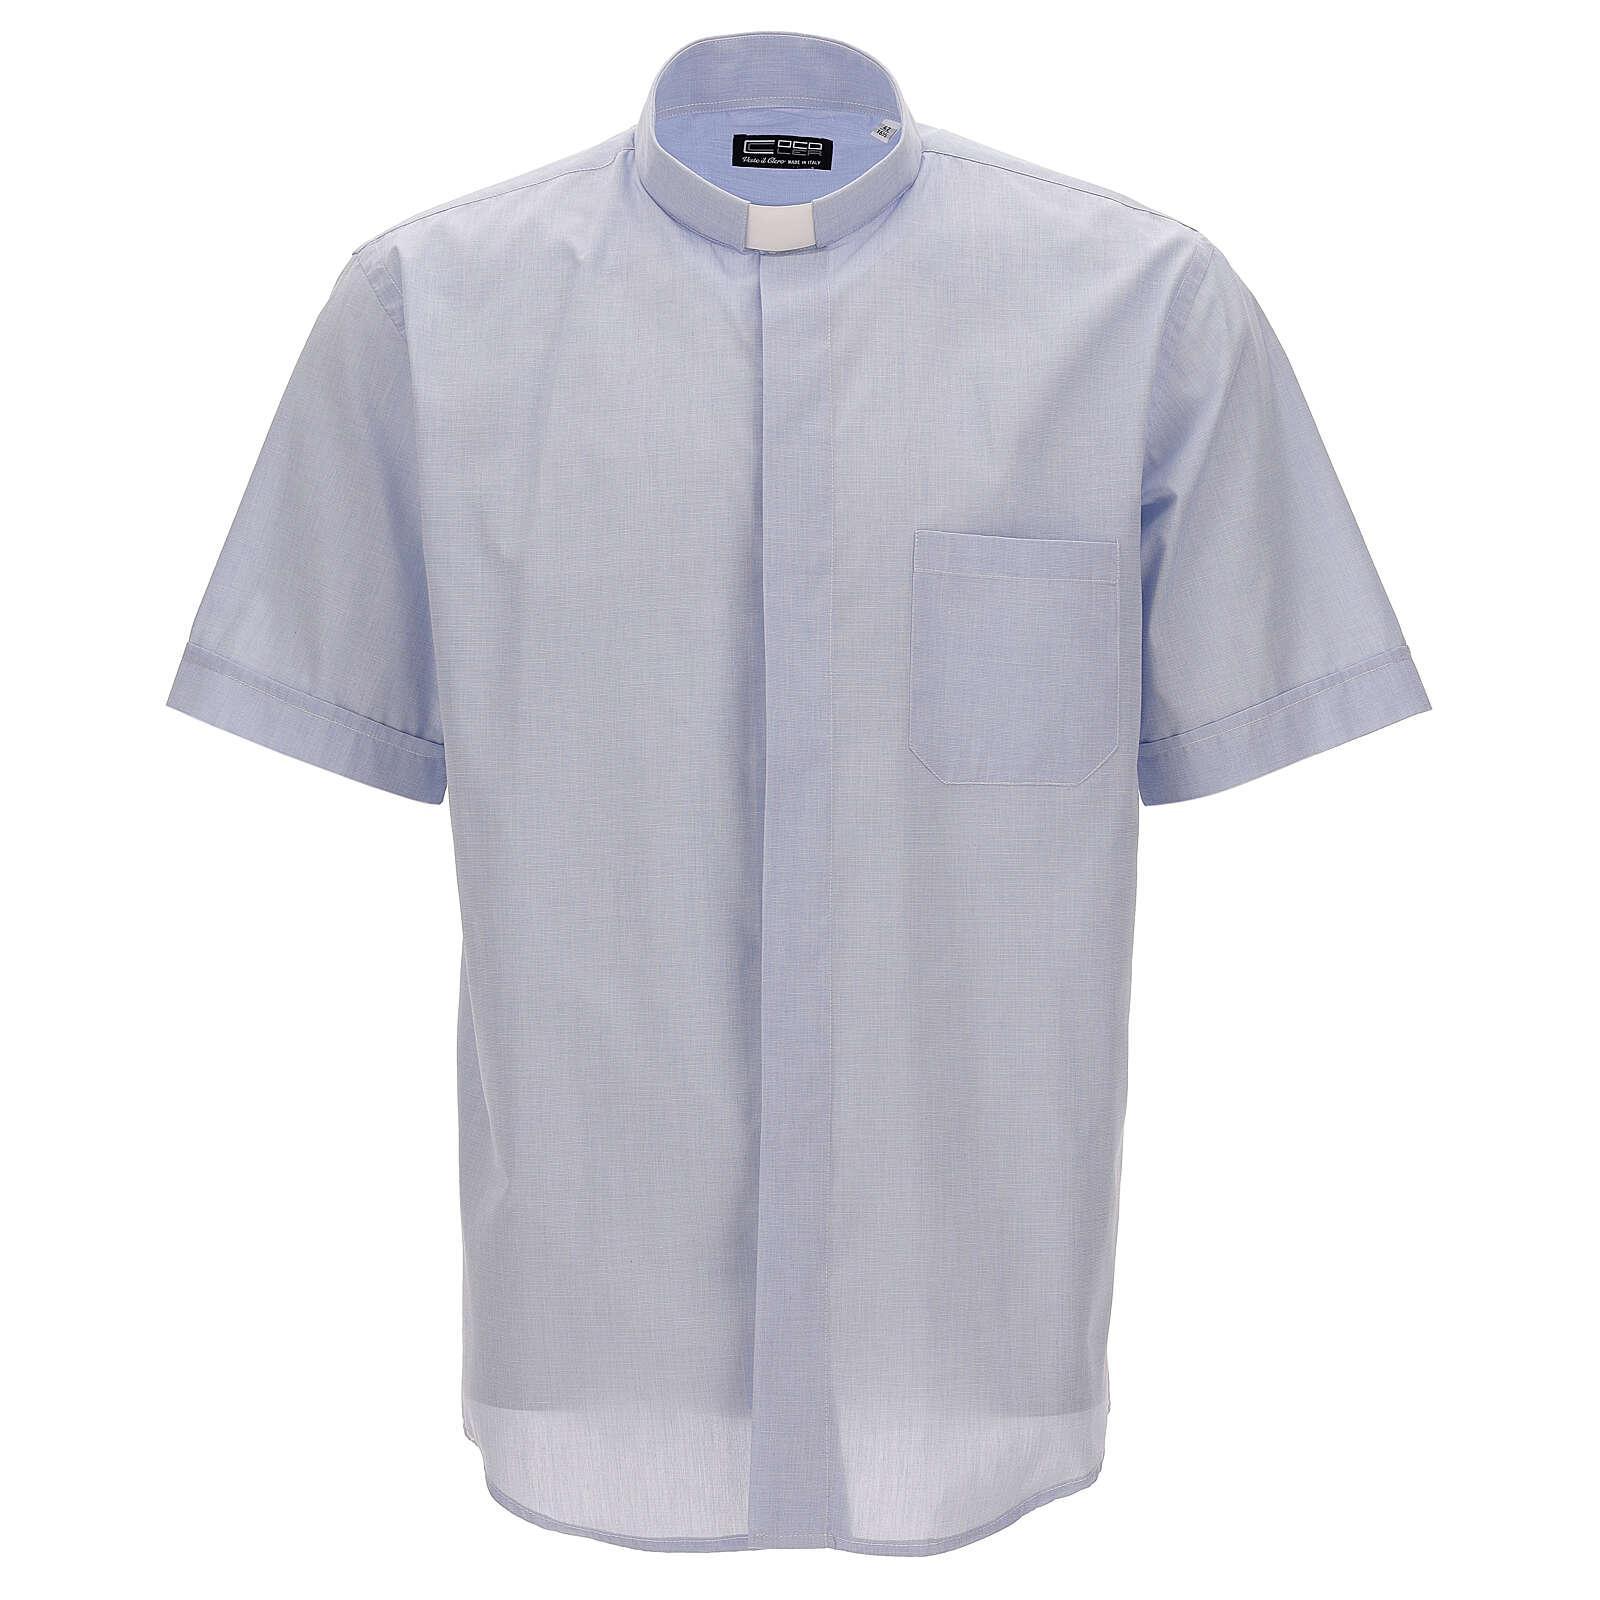 Camicia collo clergy celeste fil a fil mezza manica 4